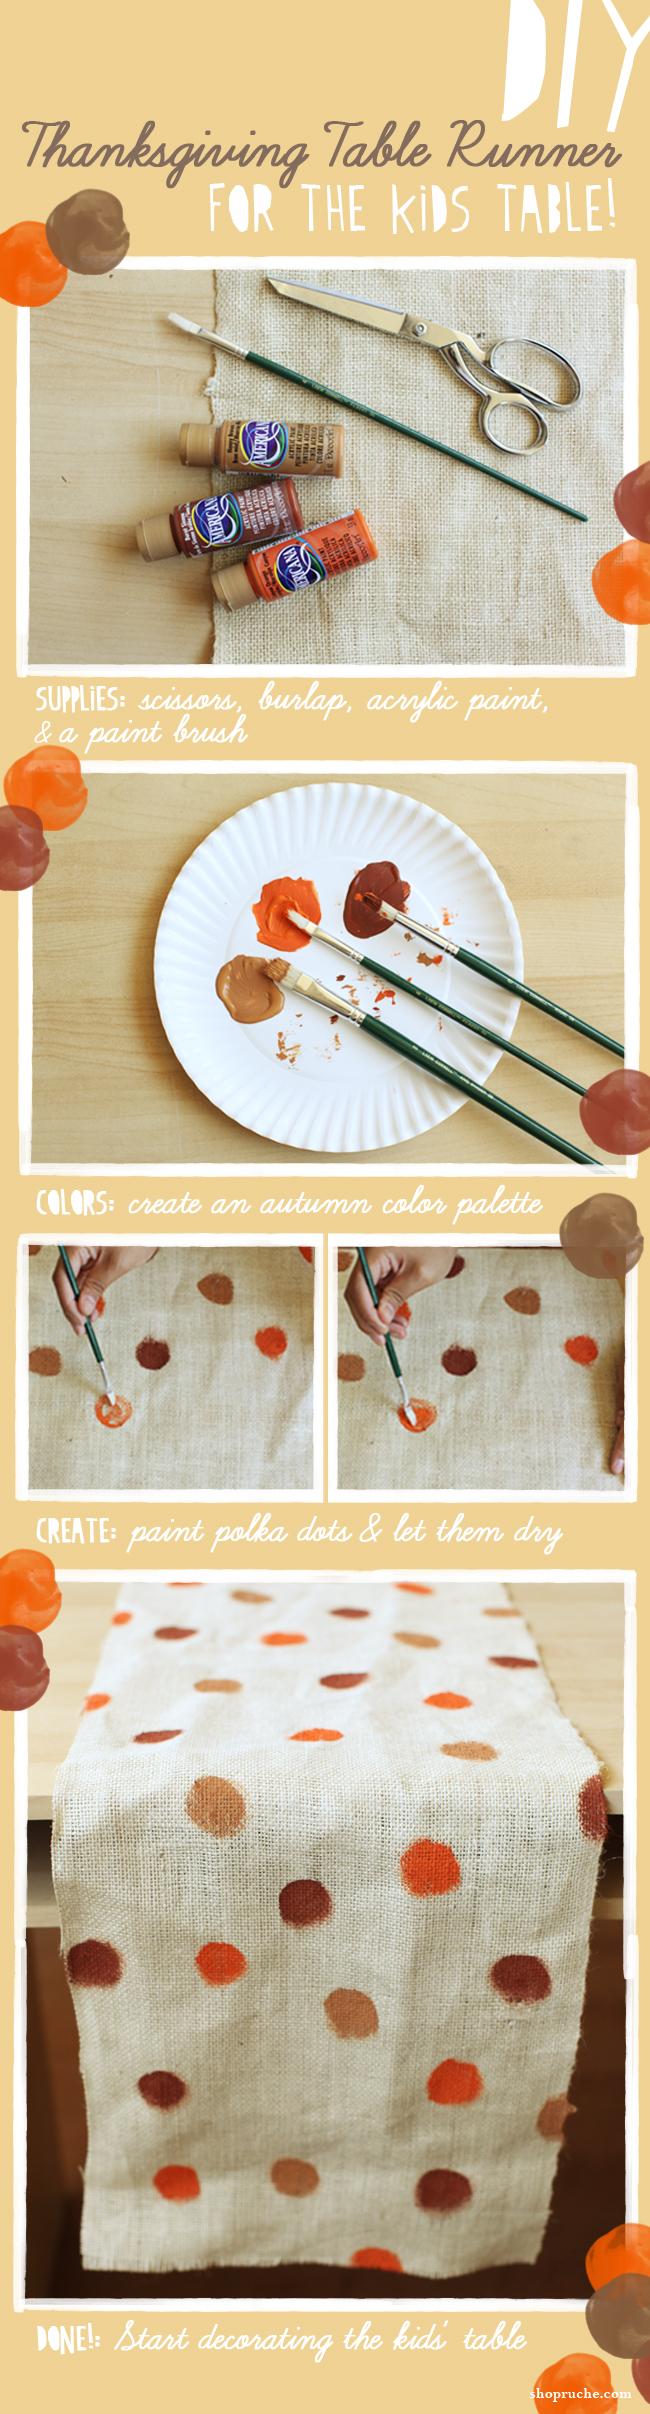 Homemade table runner | Sheknows.com